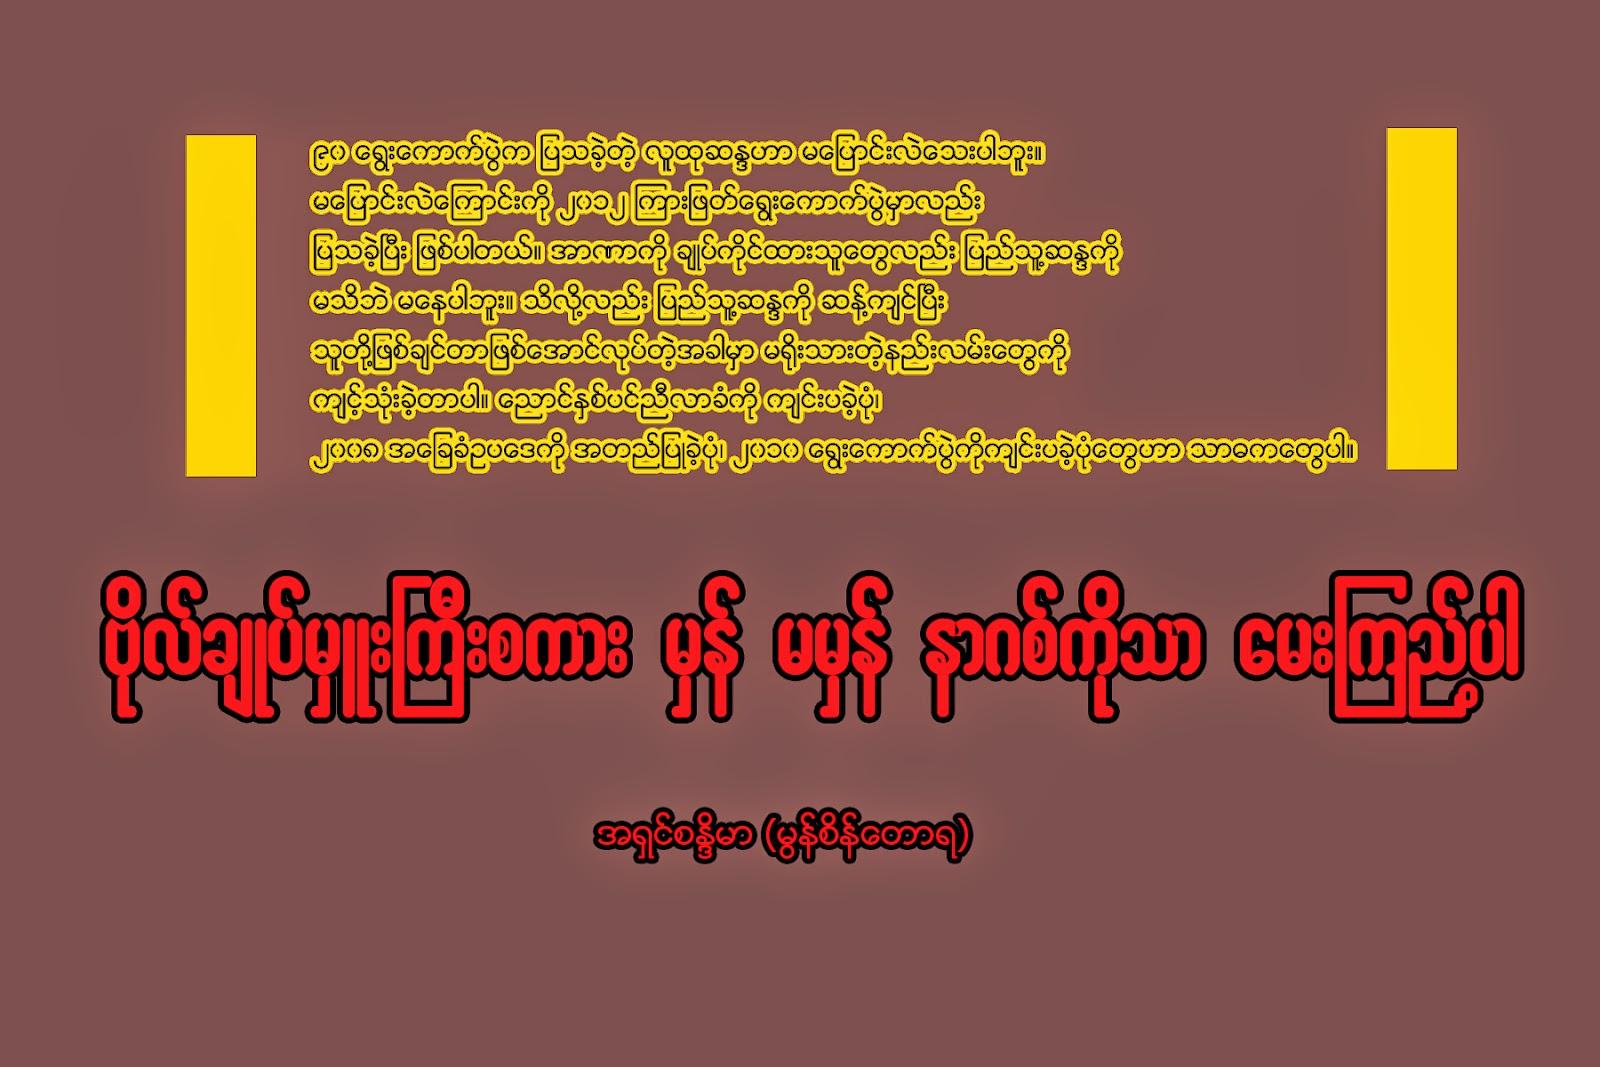 အရွင္စႏၵိမာ (မြန္စိန္ေတာရ) - ဗုုိလ္ခ်ဳပ္မွဴးႀကီးစကား မွန္/မမွန္ နာဂစ္ကုုိသာ ေမးၾကည့္ပါ